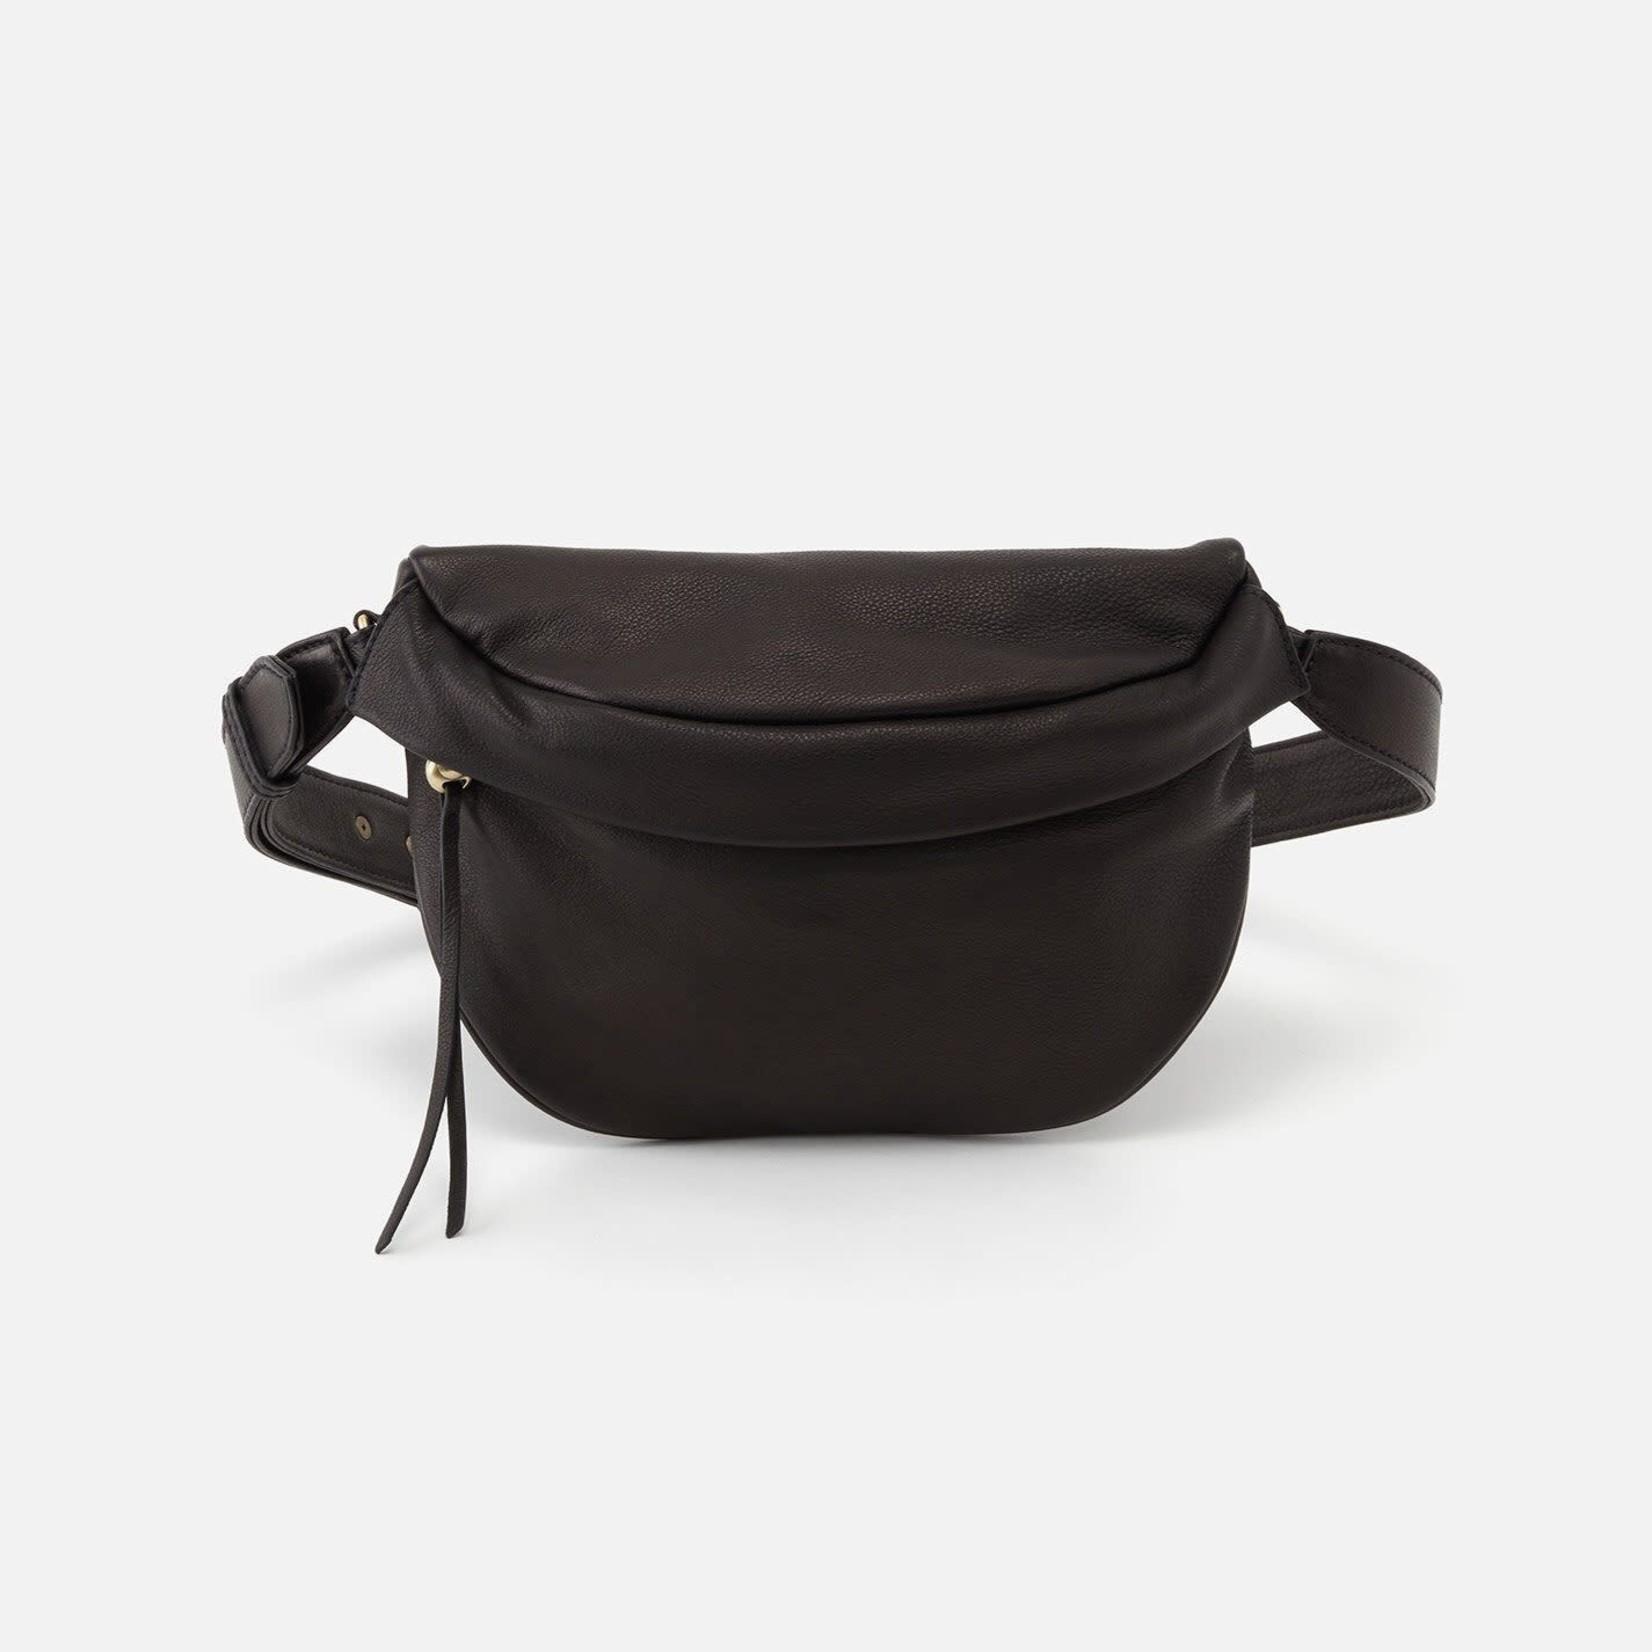 HOBO Remedy Black Soft Hide Belt Bag